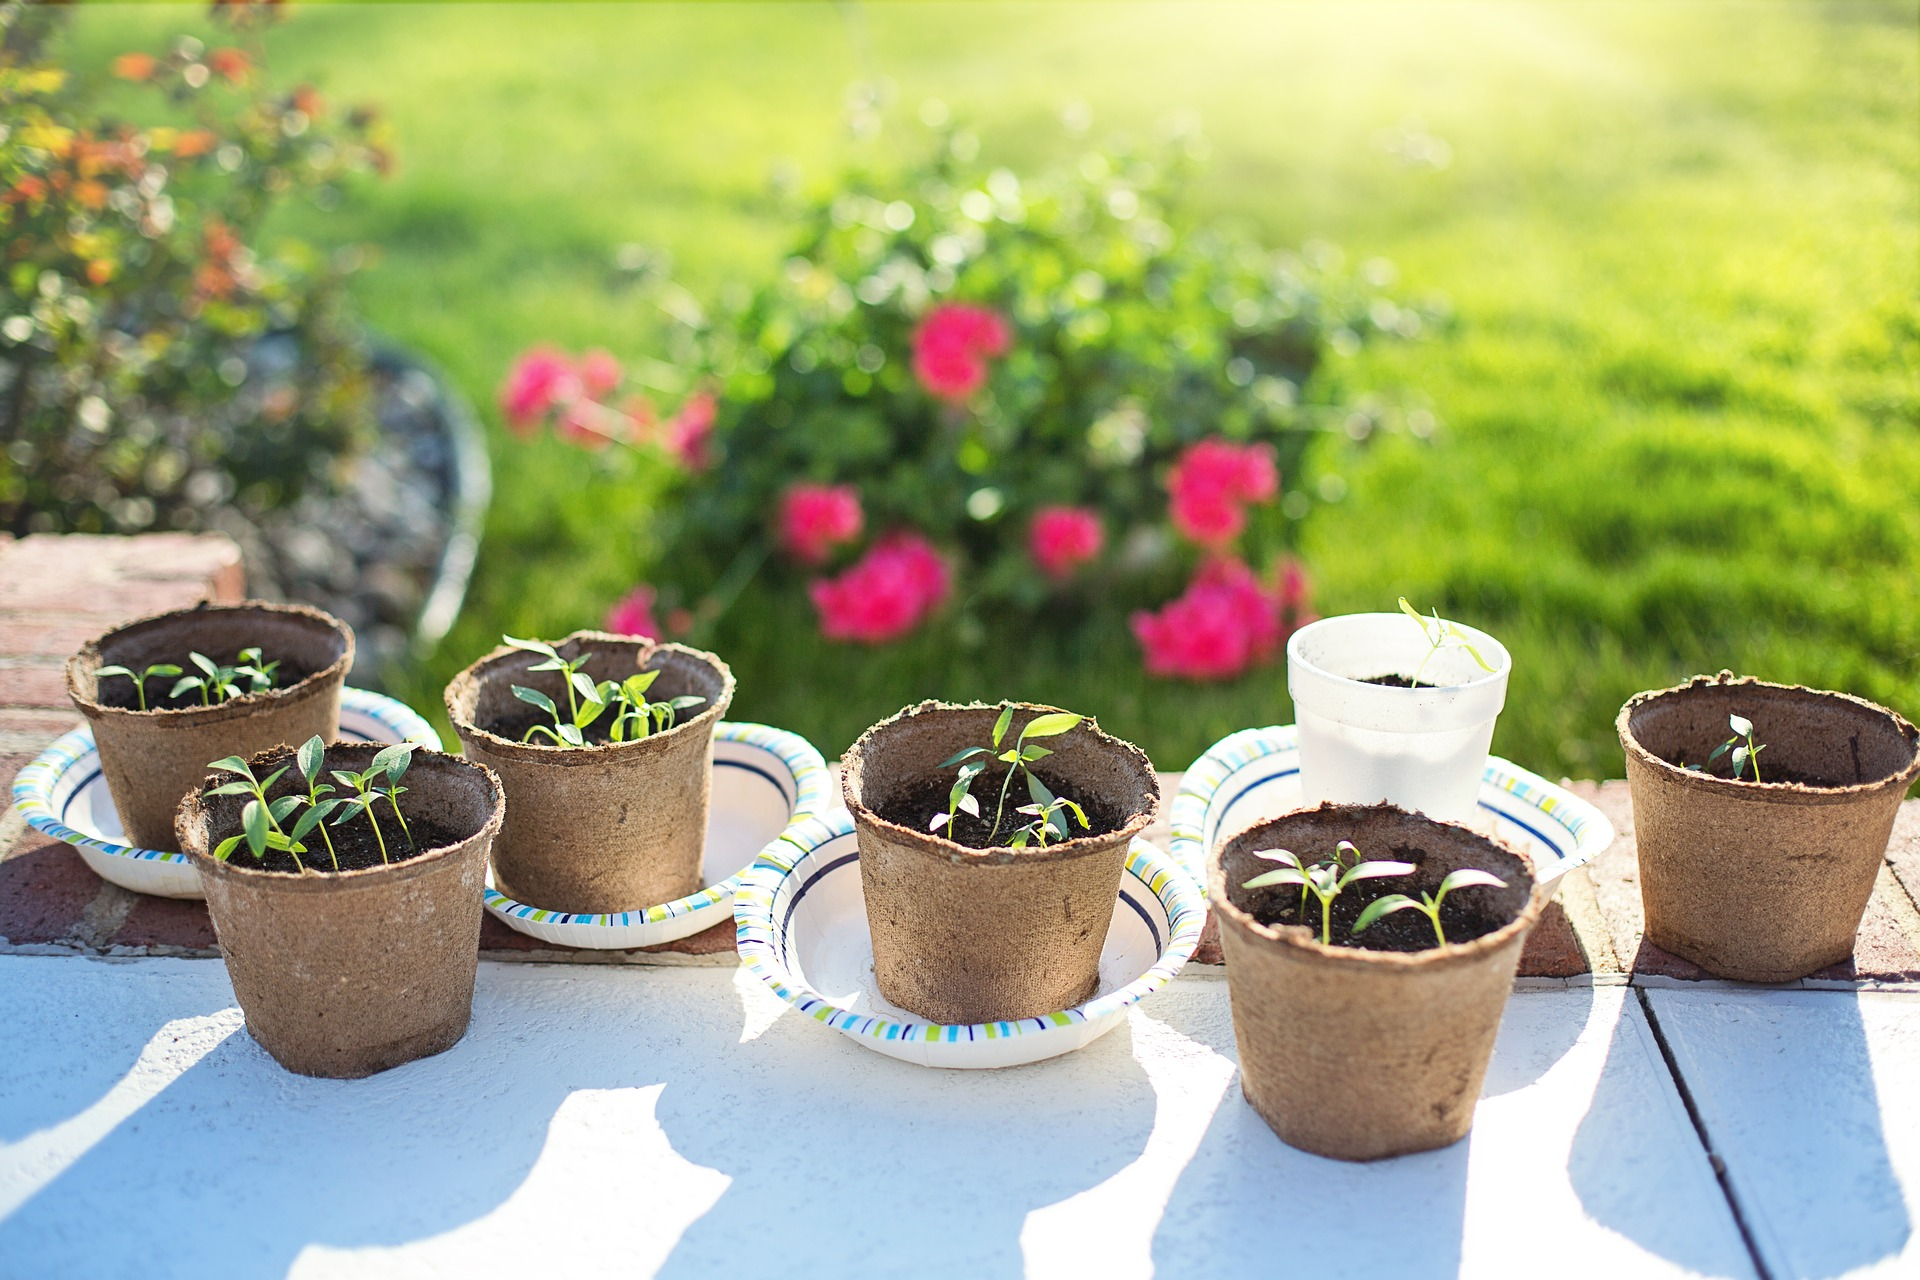 Copy of seedlings-2708679_1920 (1).jpg